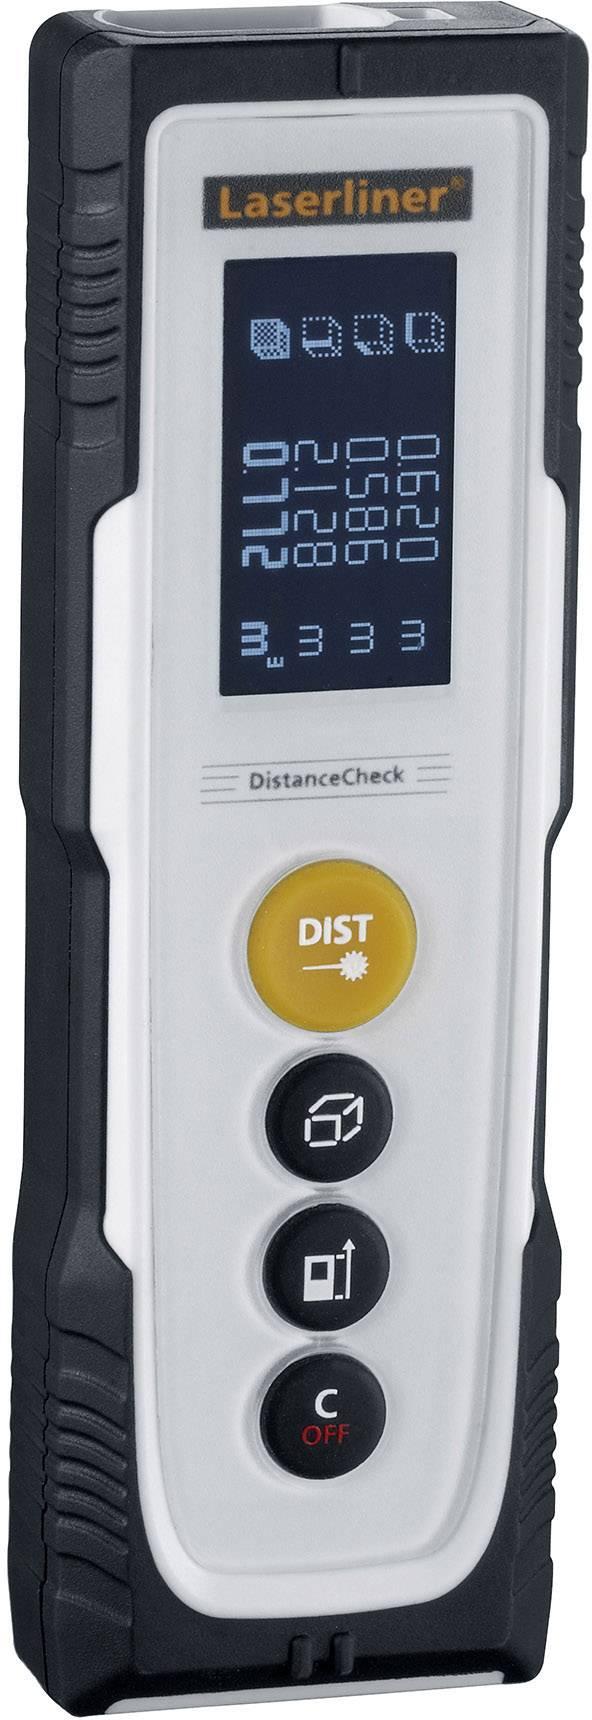 Laserový měřič vzdálenosti Laserliner DistanceCheck 080.810A, rozsah měření (max.) 20 m